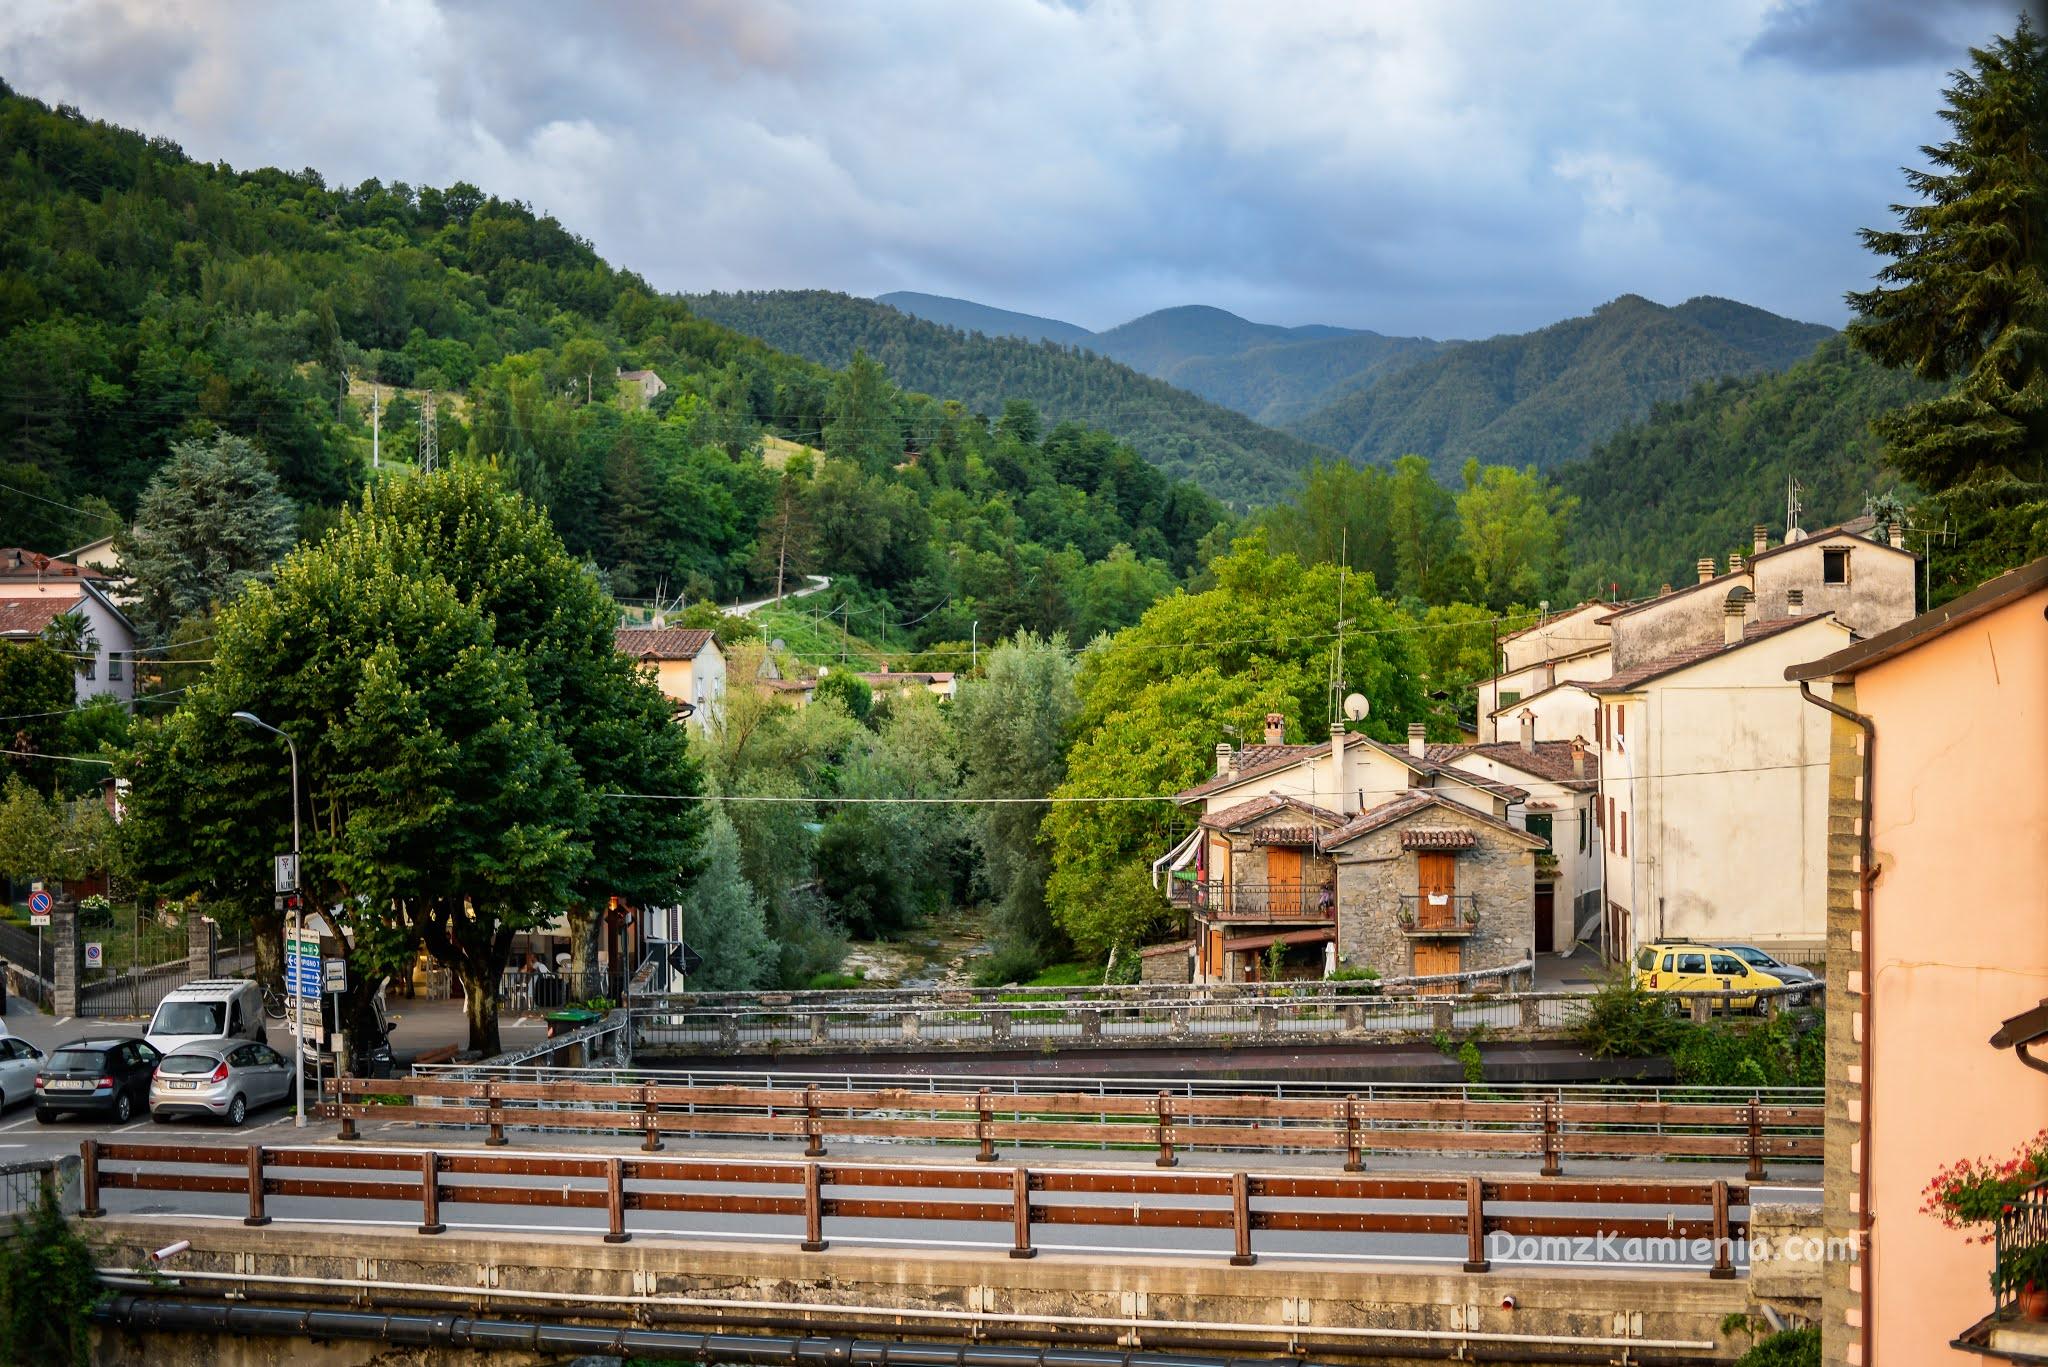 Biforco, nieznana Toskania Dom z Kamienia